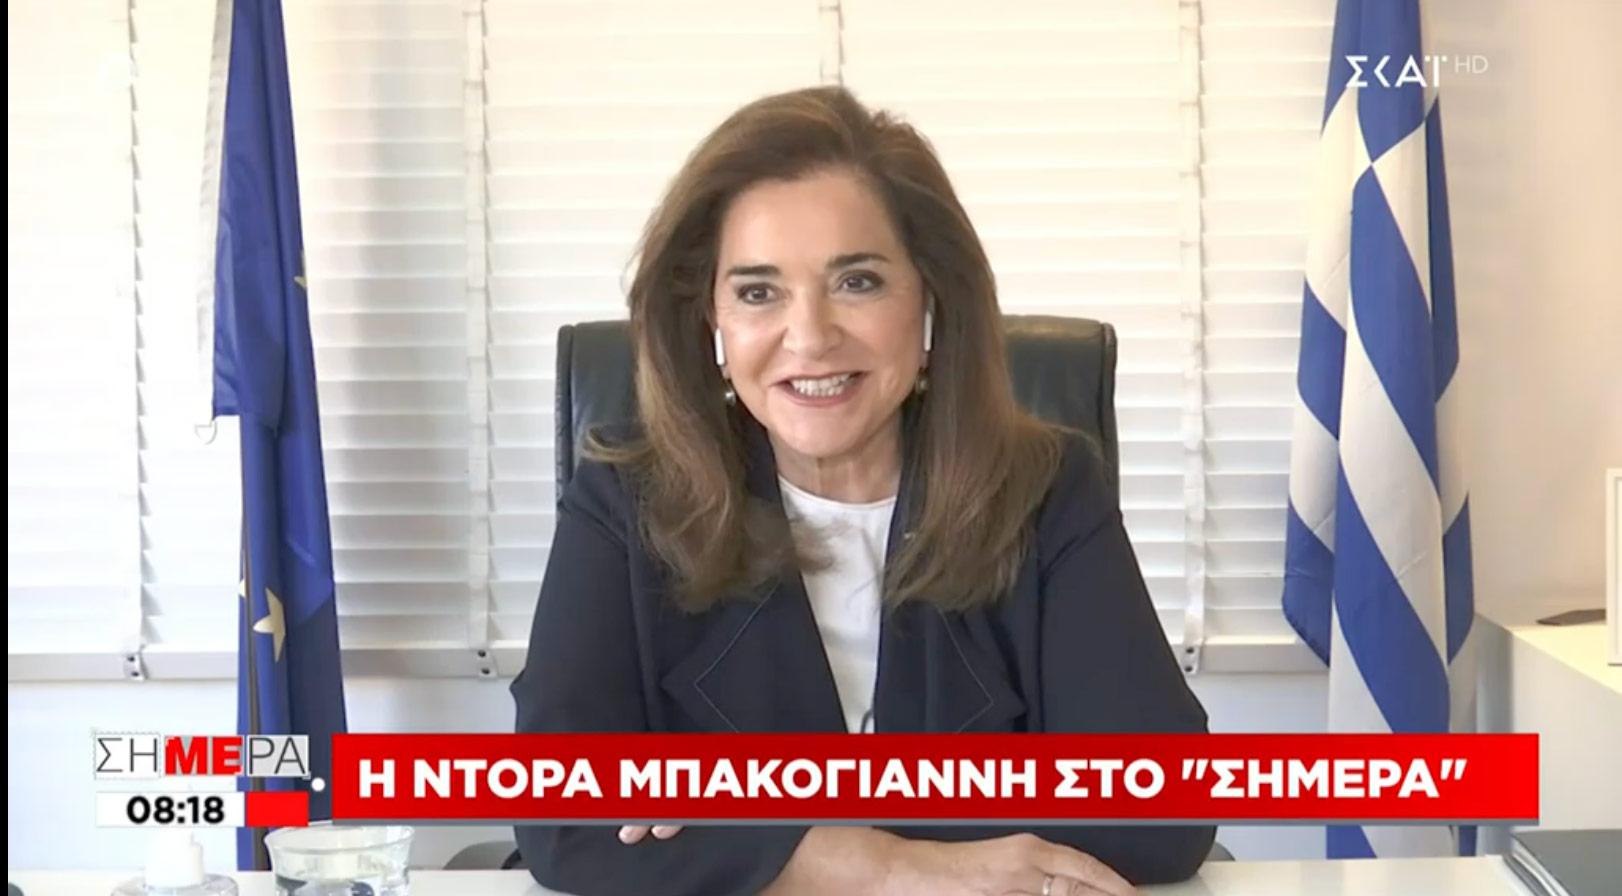 Μπακογιάννη: Εμένα δεν θα με σταματήσει κανείς από το να πάω στην Κρήτη (video)